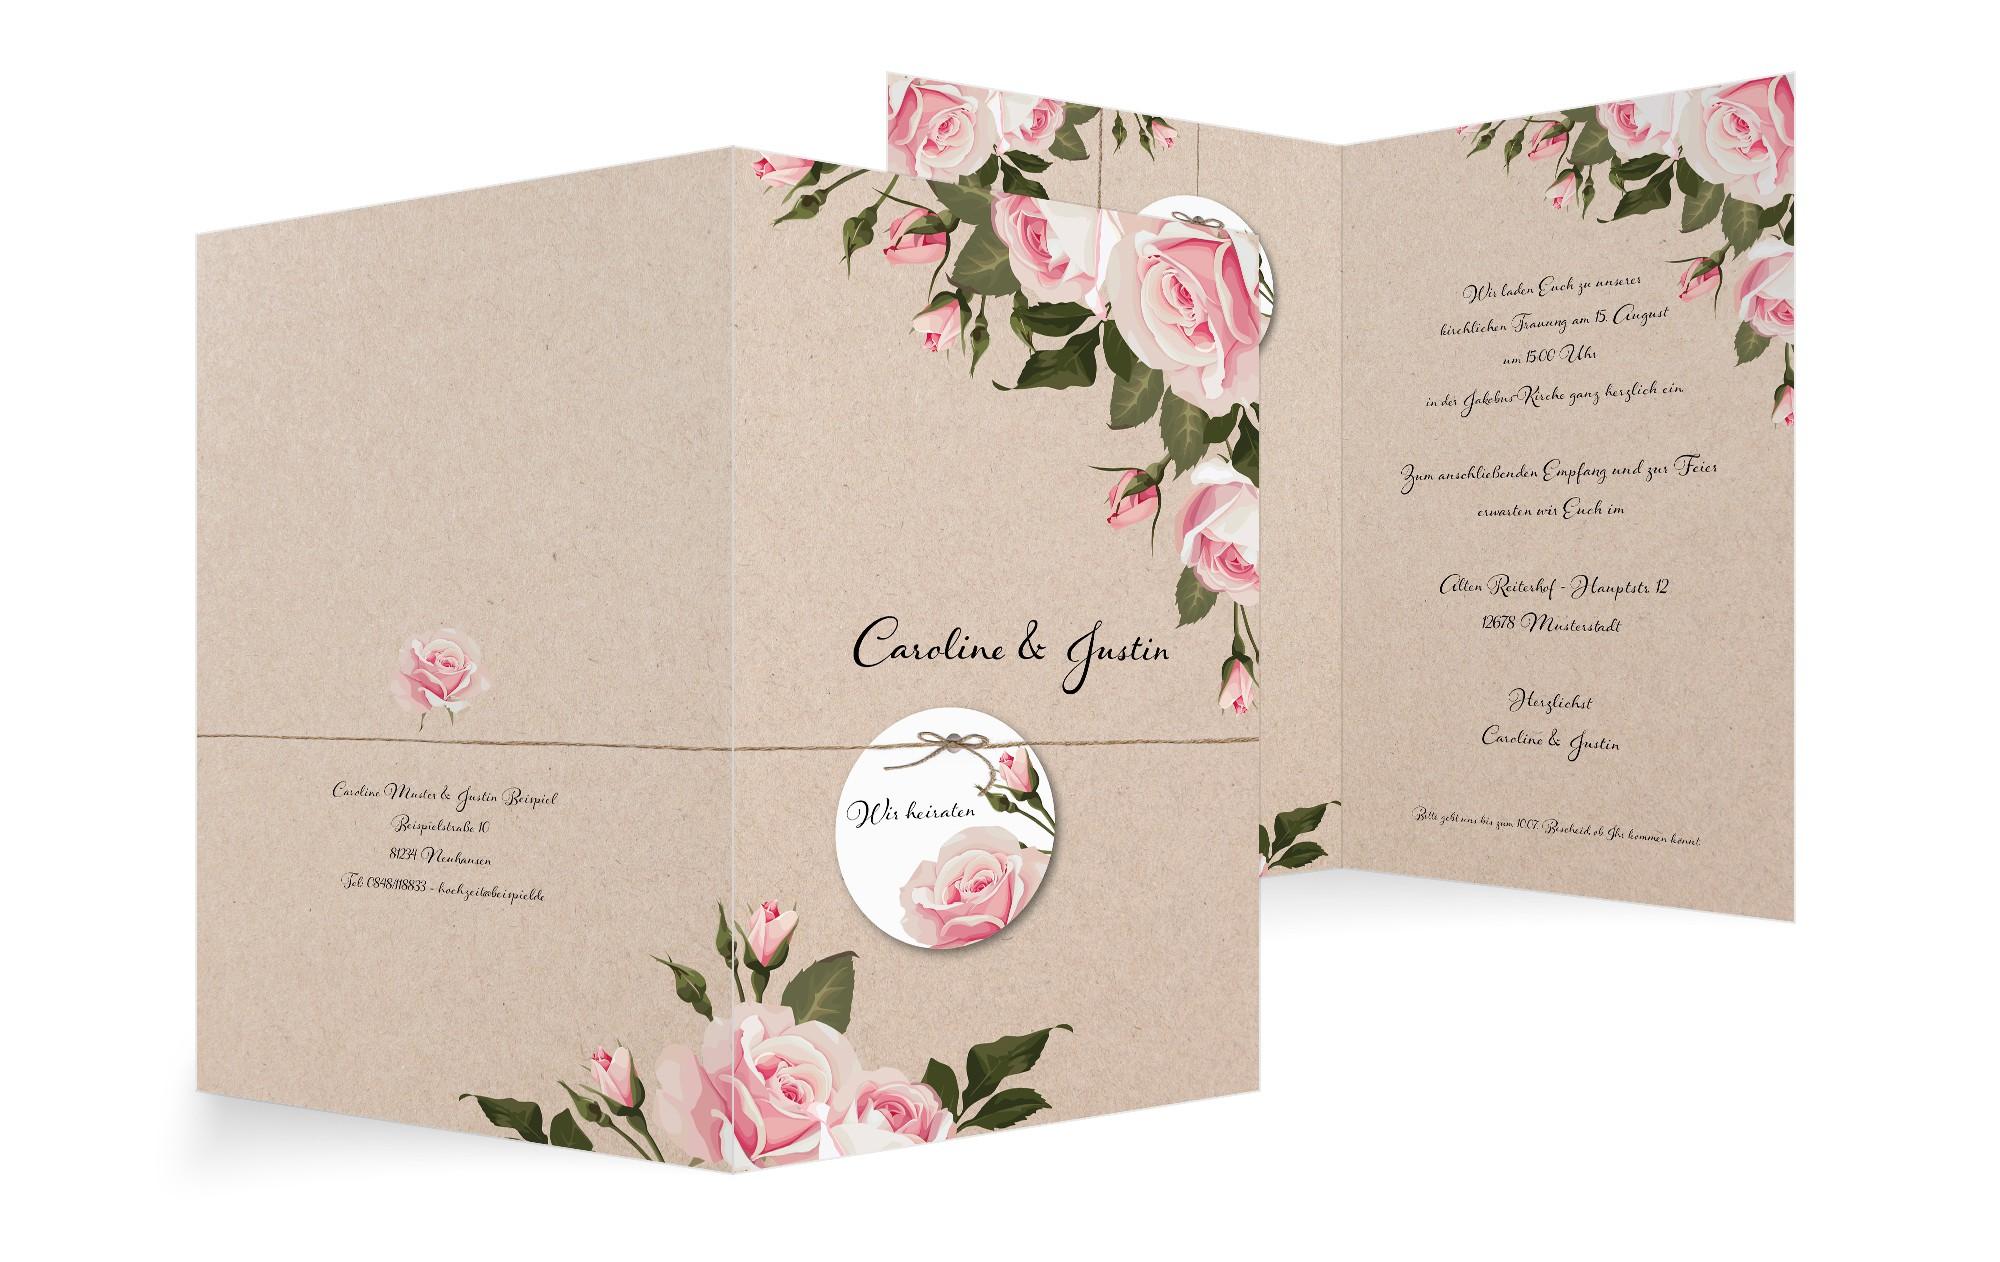 Einladung zur Hochzeit